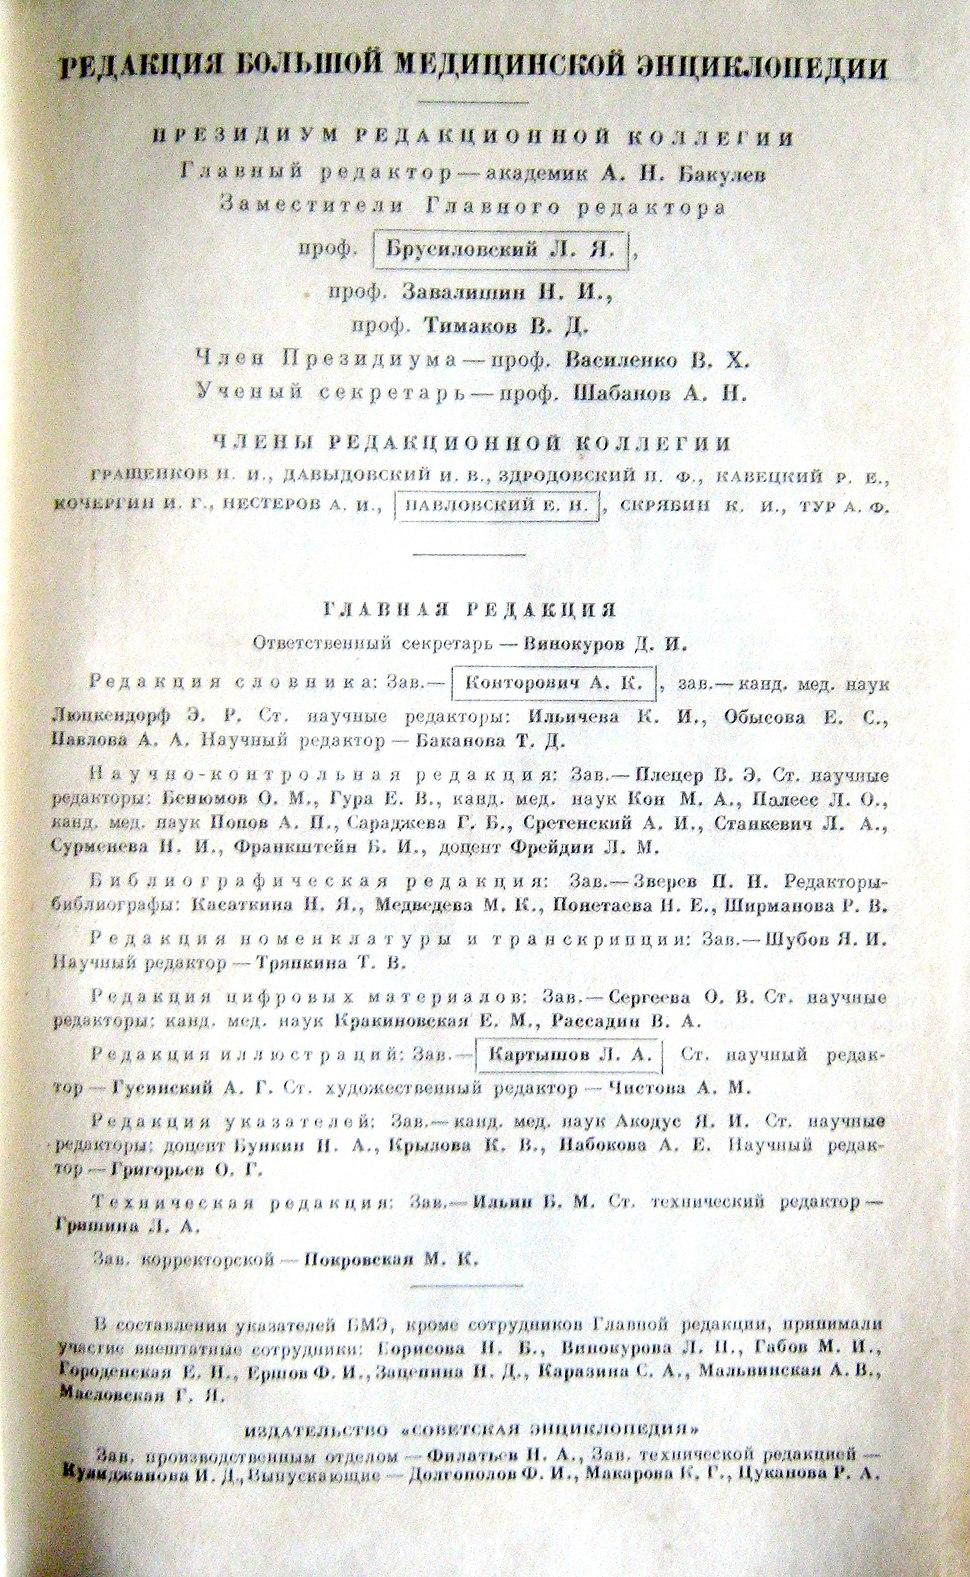 Большая медицинская энциклопедия - редакция